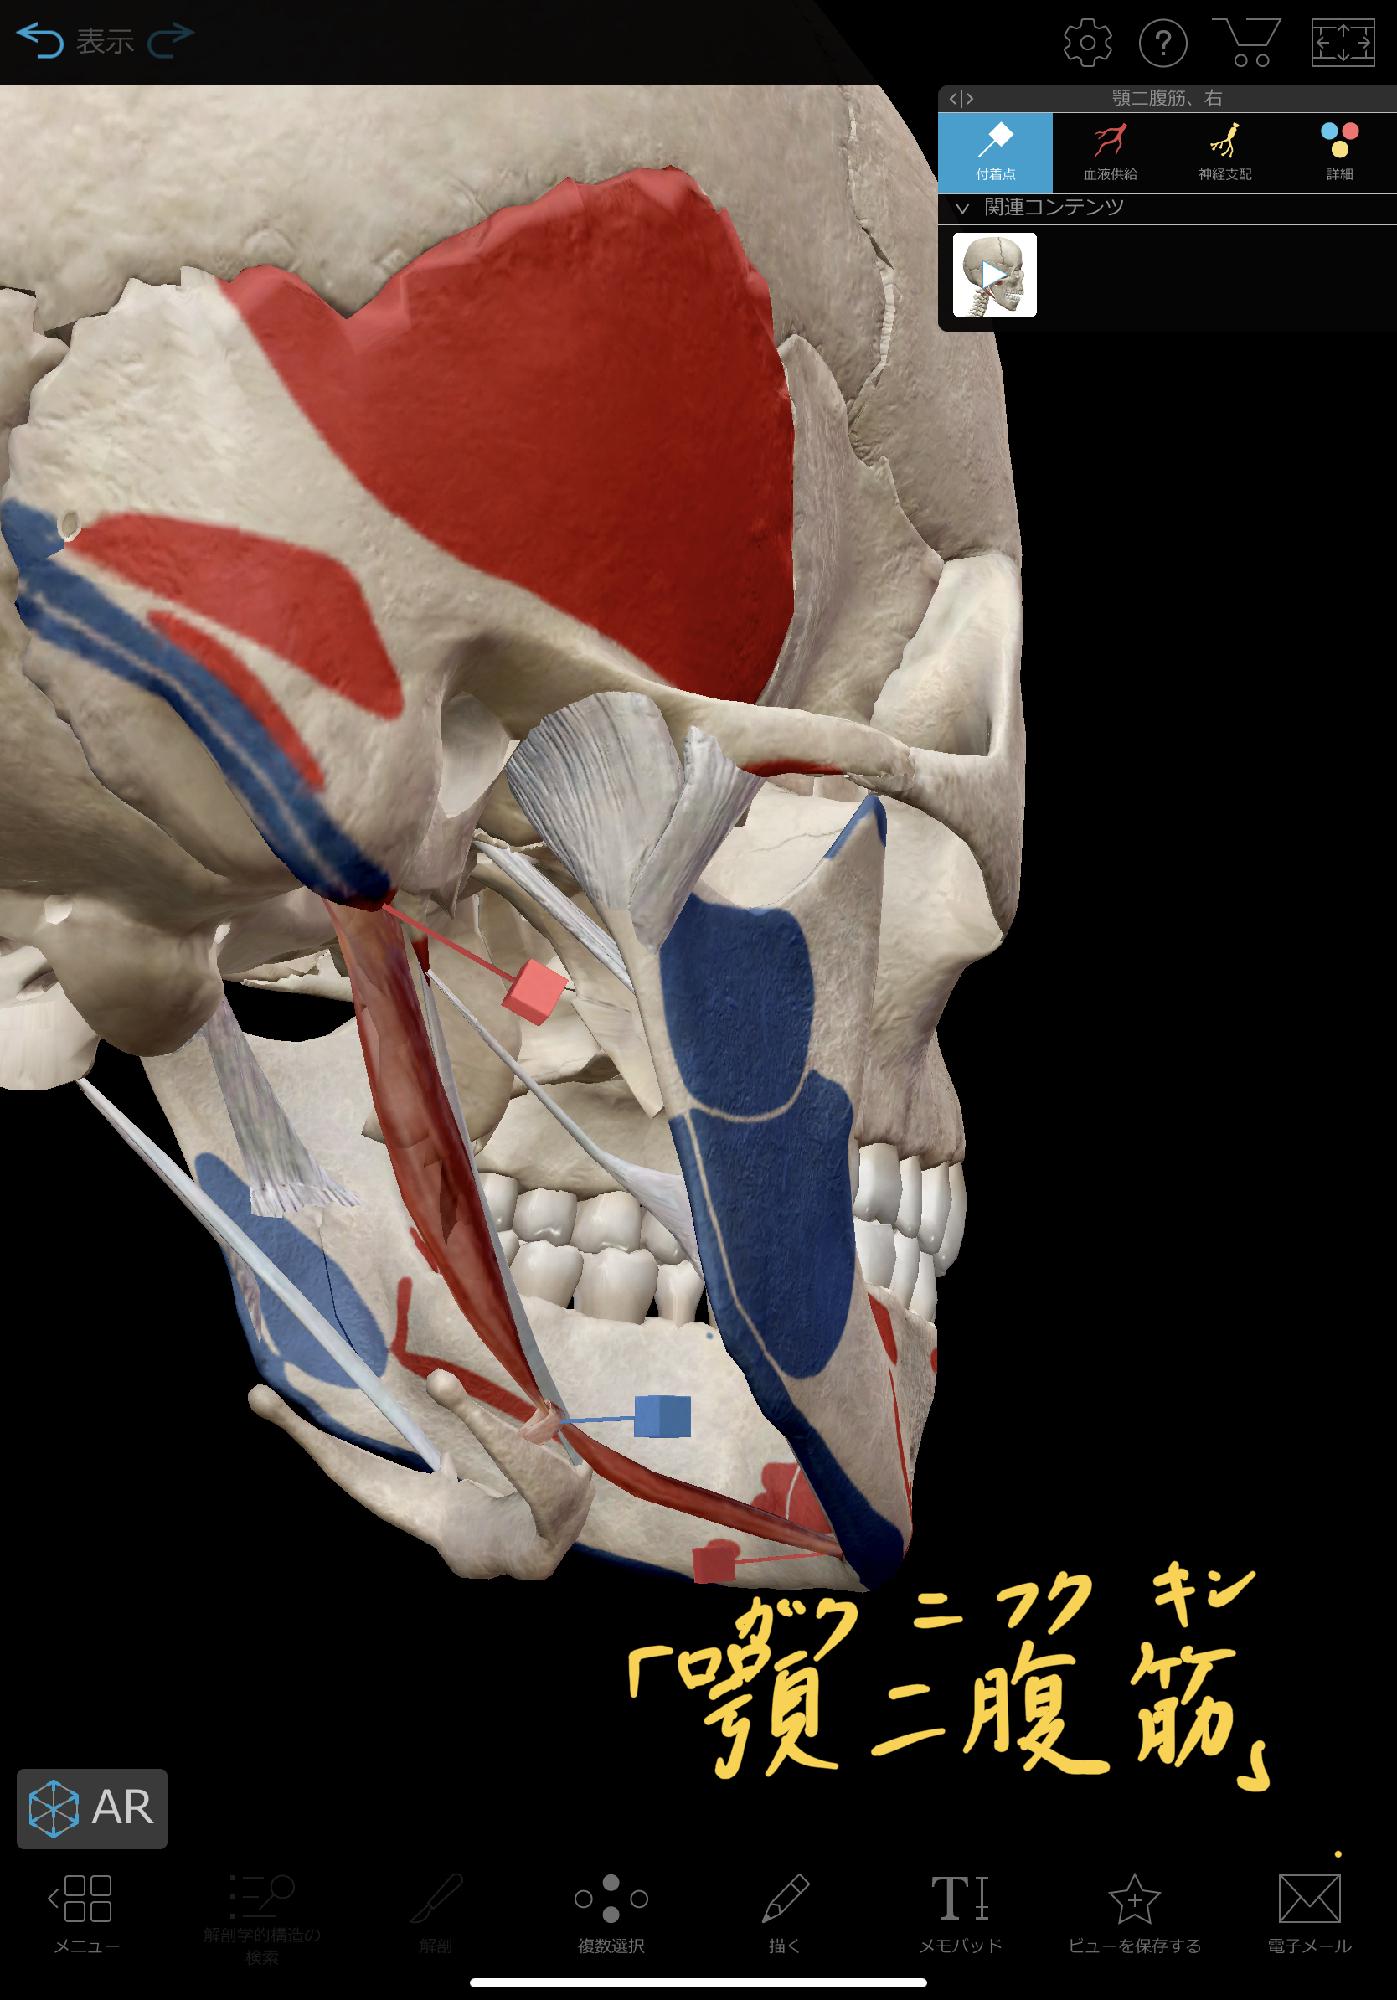 顎の痛みや噛み合わせを整える「顎二腹筋リリース」 :理学療法士 安部 ...